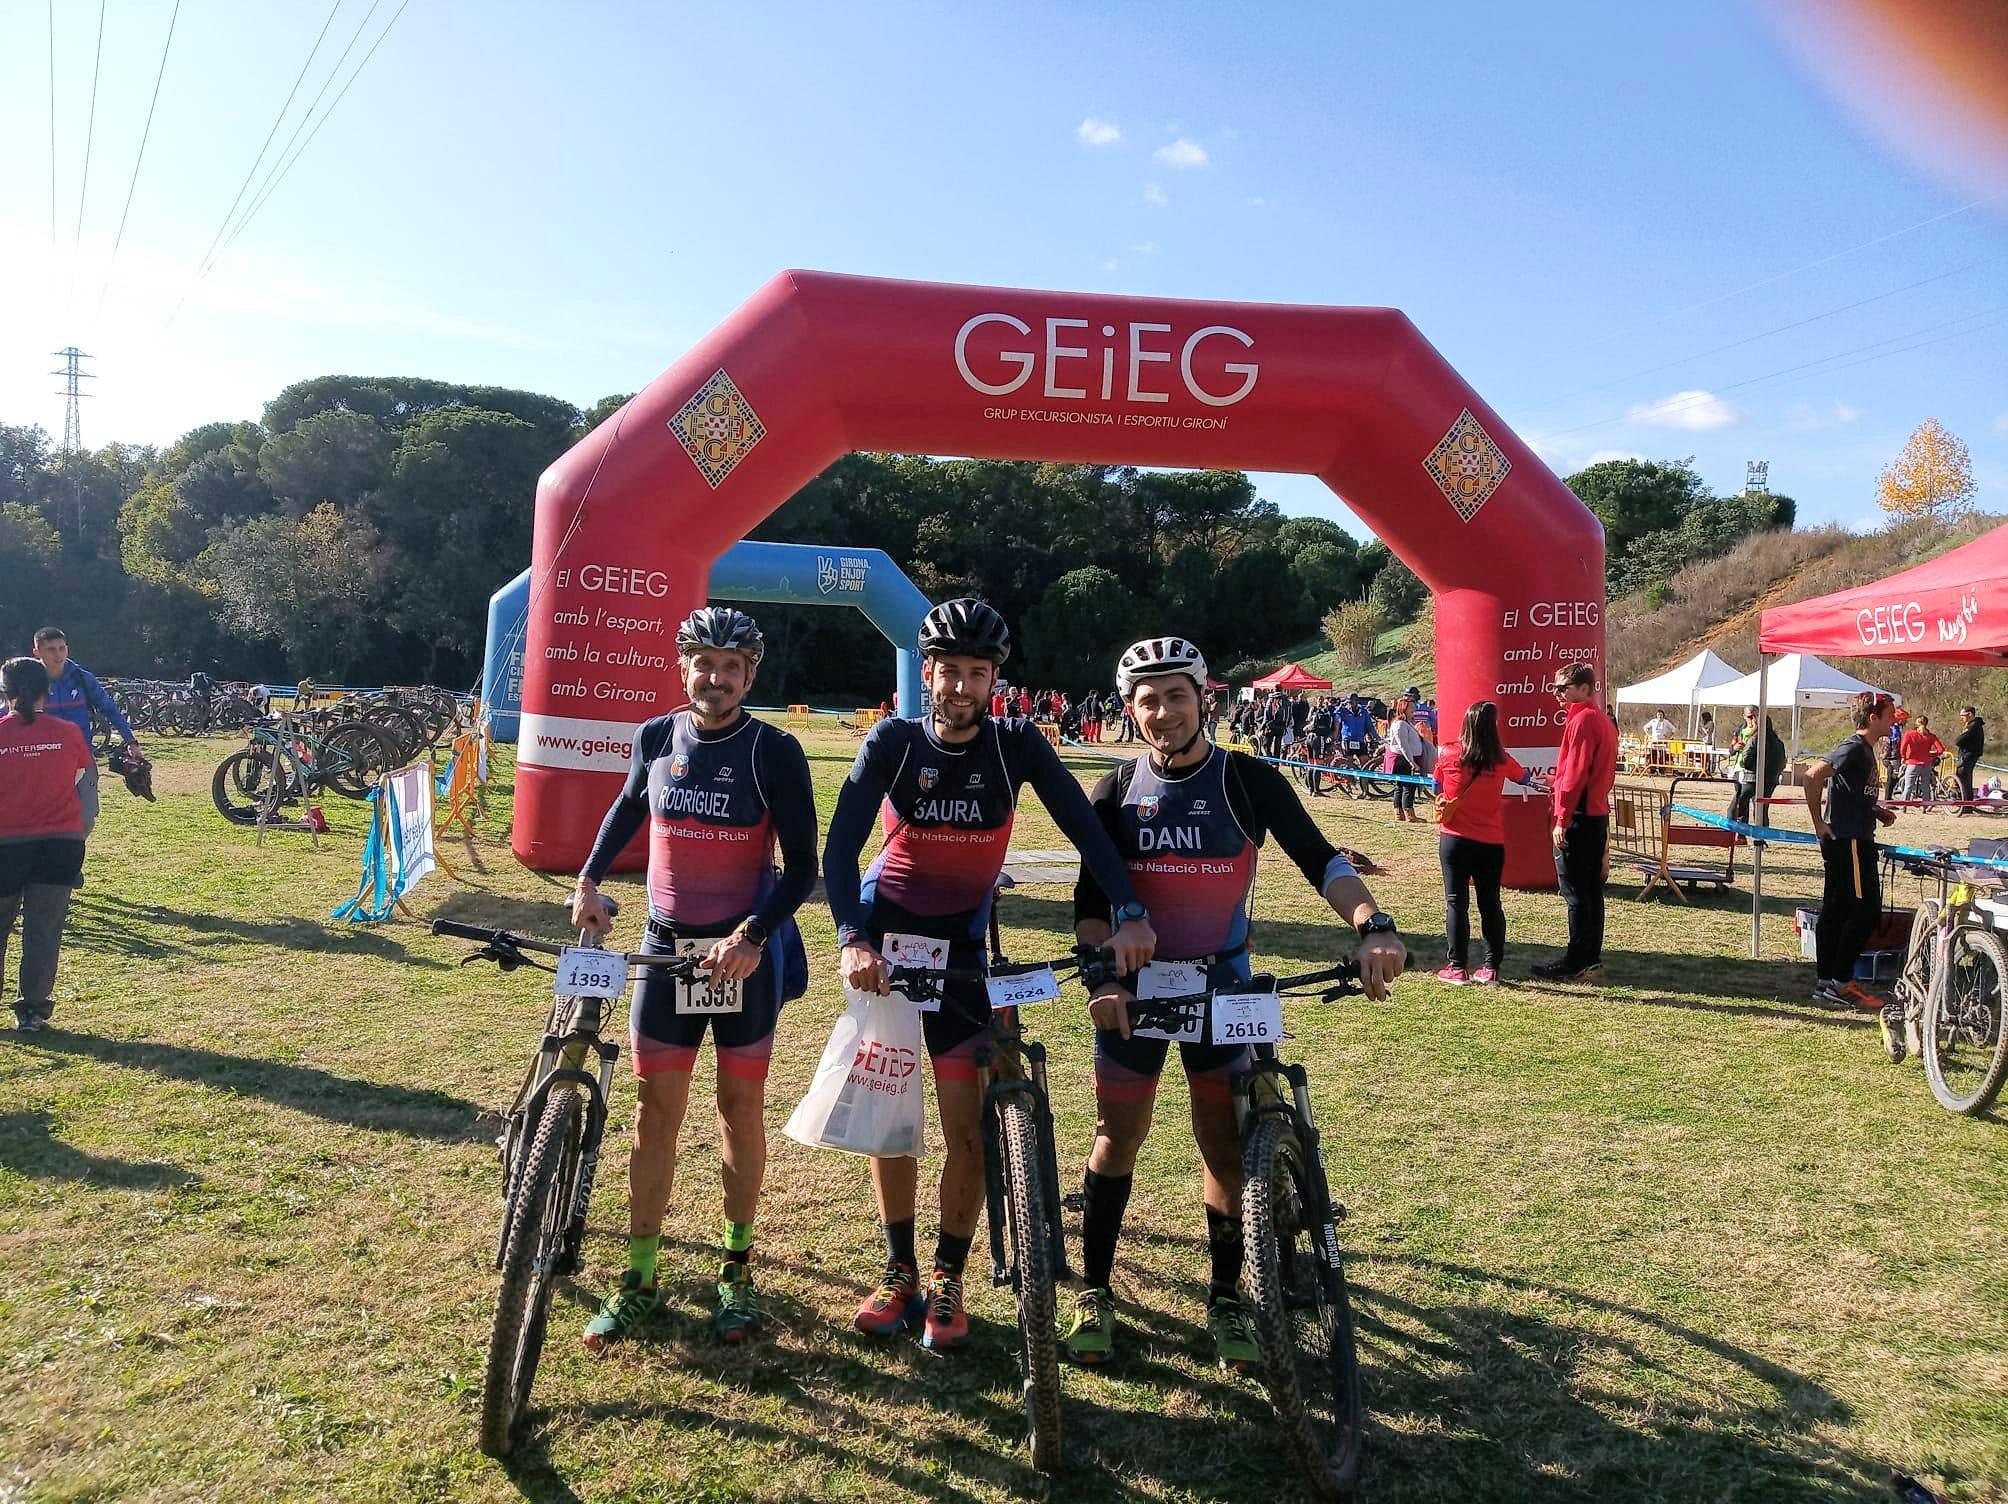 Arriba l'equador de la lliga i la copa de Duatló de Muntanya per l'equip de triatló